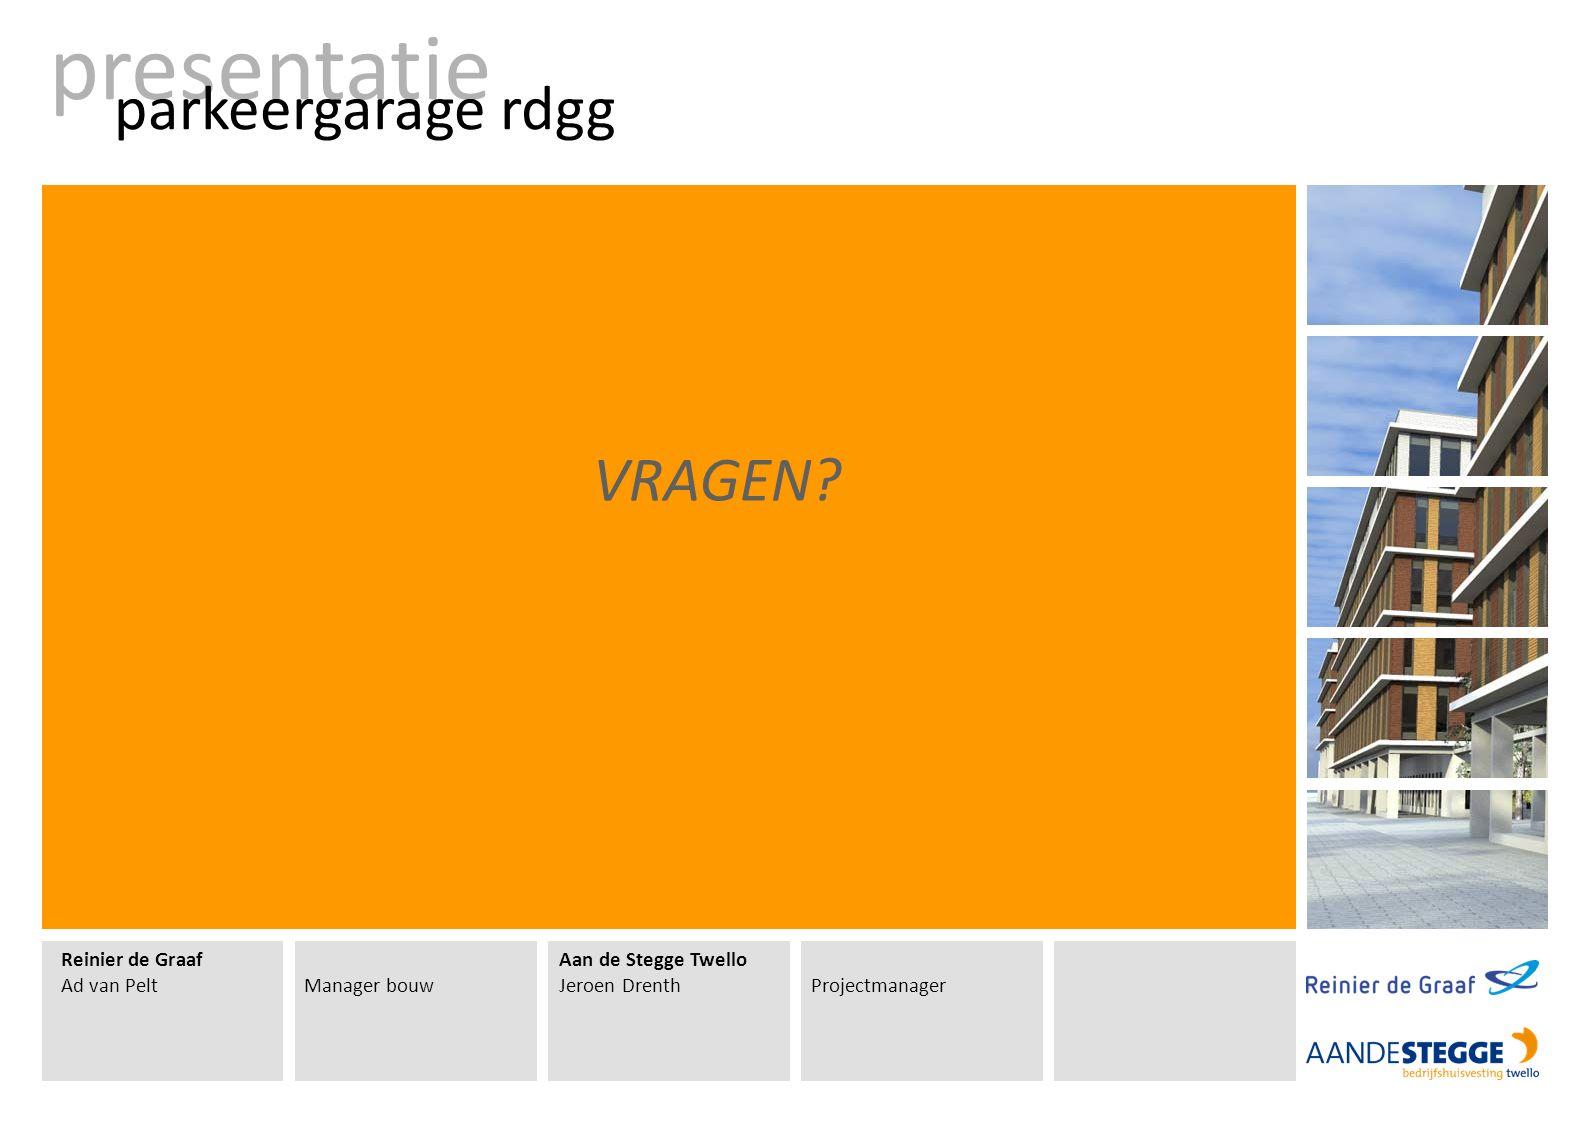 Reinier de Graaf Ad van PeltManager bouw Aan de Stegge Twello Jeroen DrenthProjectmanager presentatie parkeergarage rdgg VRAGEN?